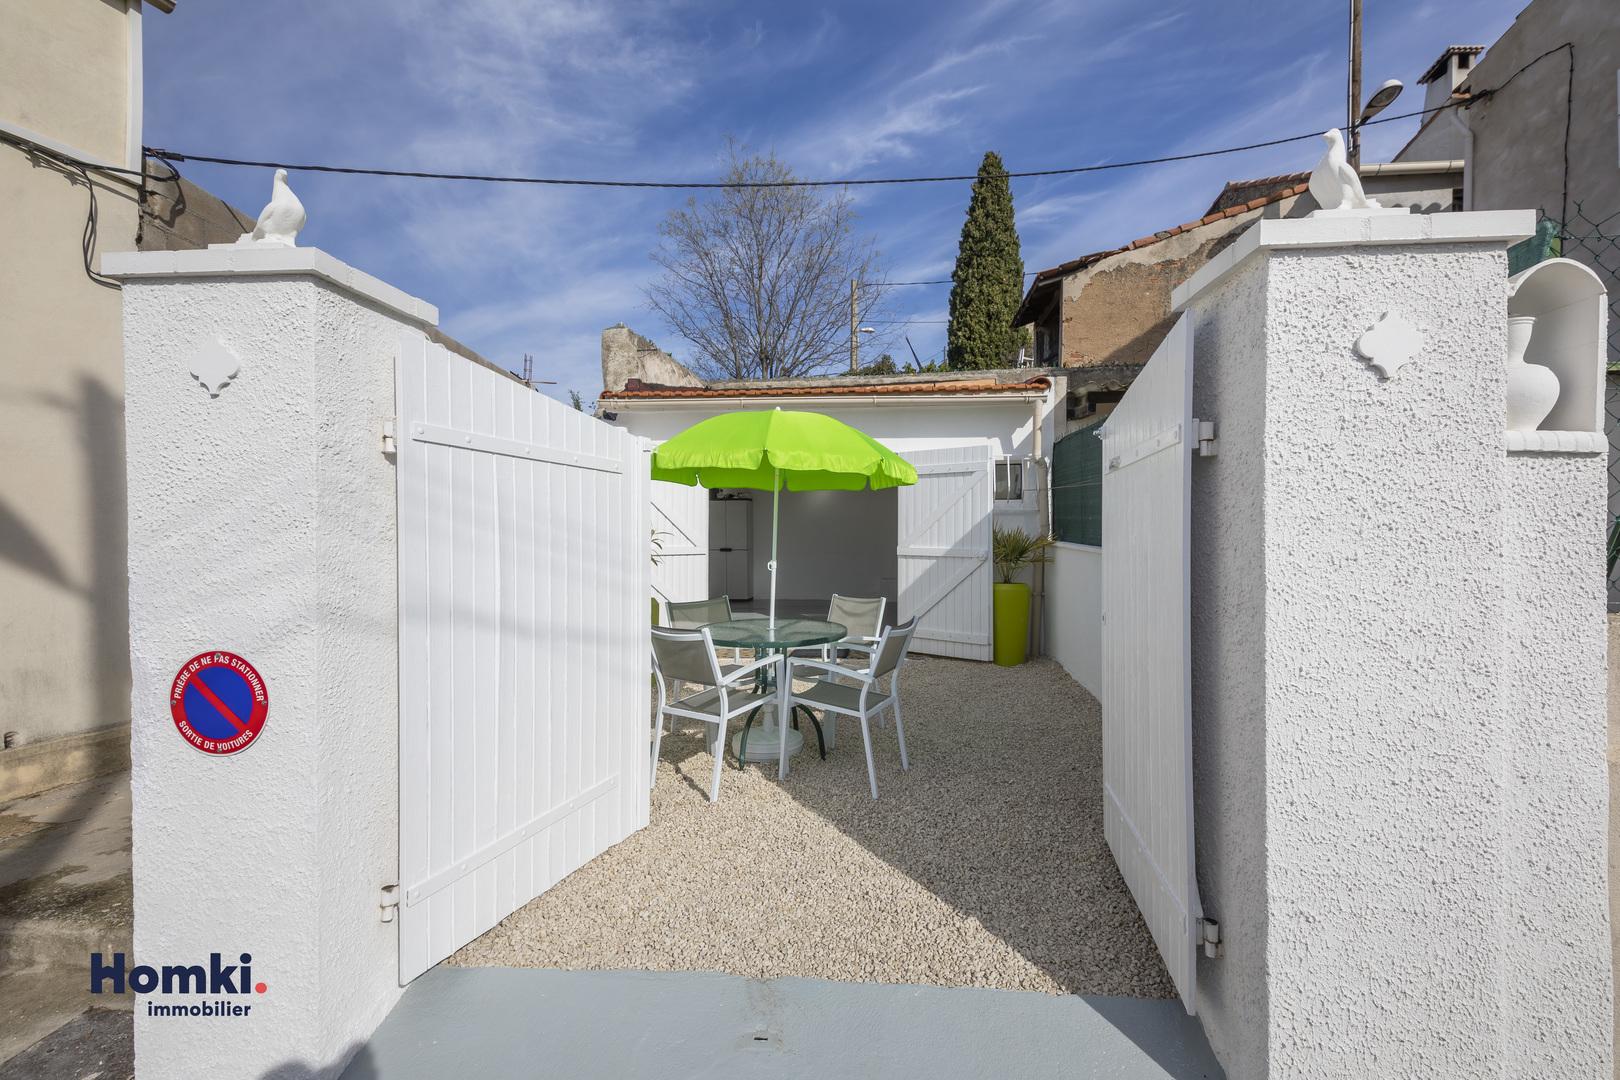 Vente Maison 65 m² T3 13013_11